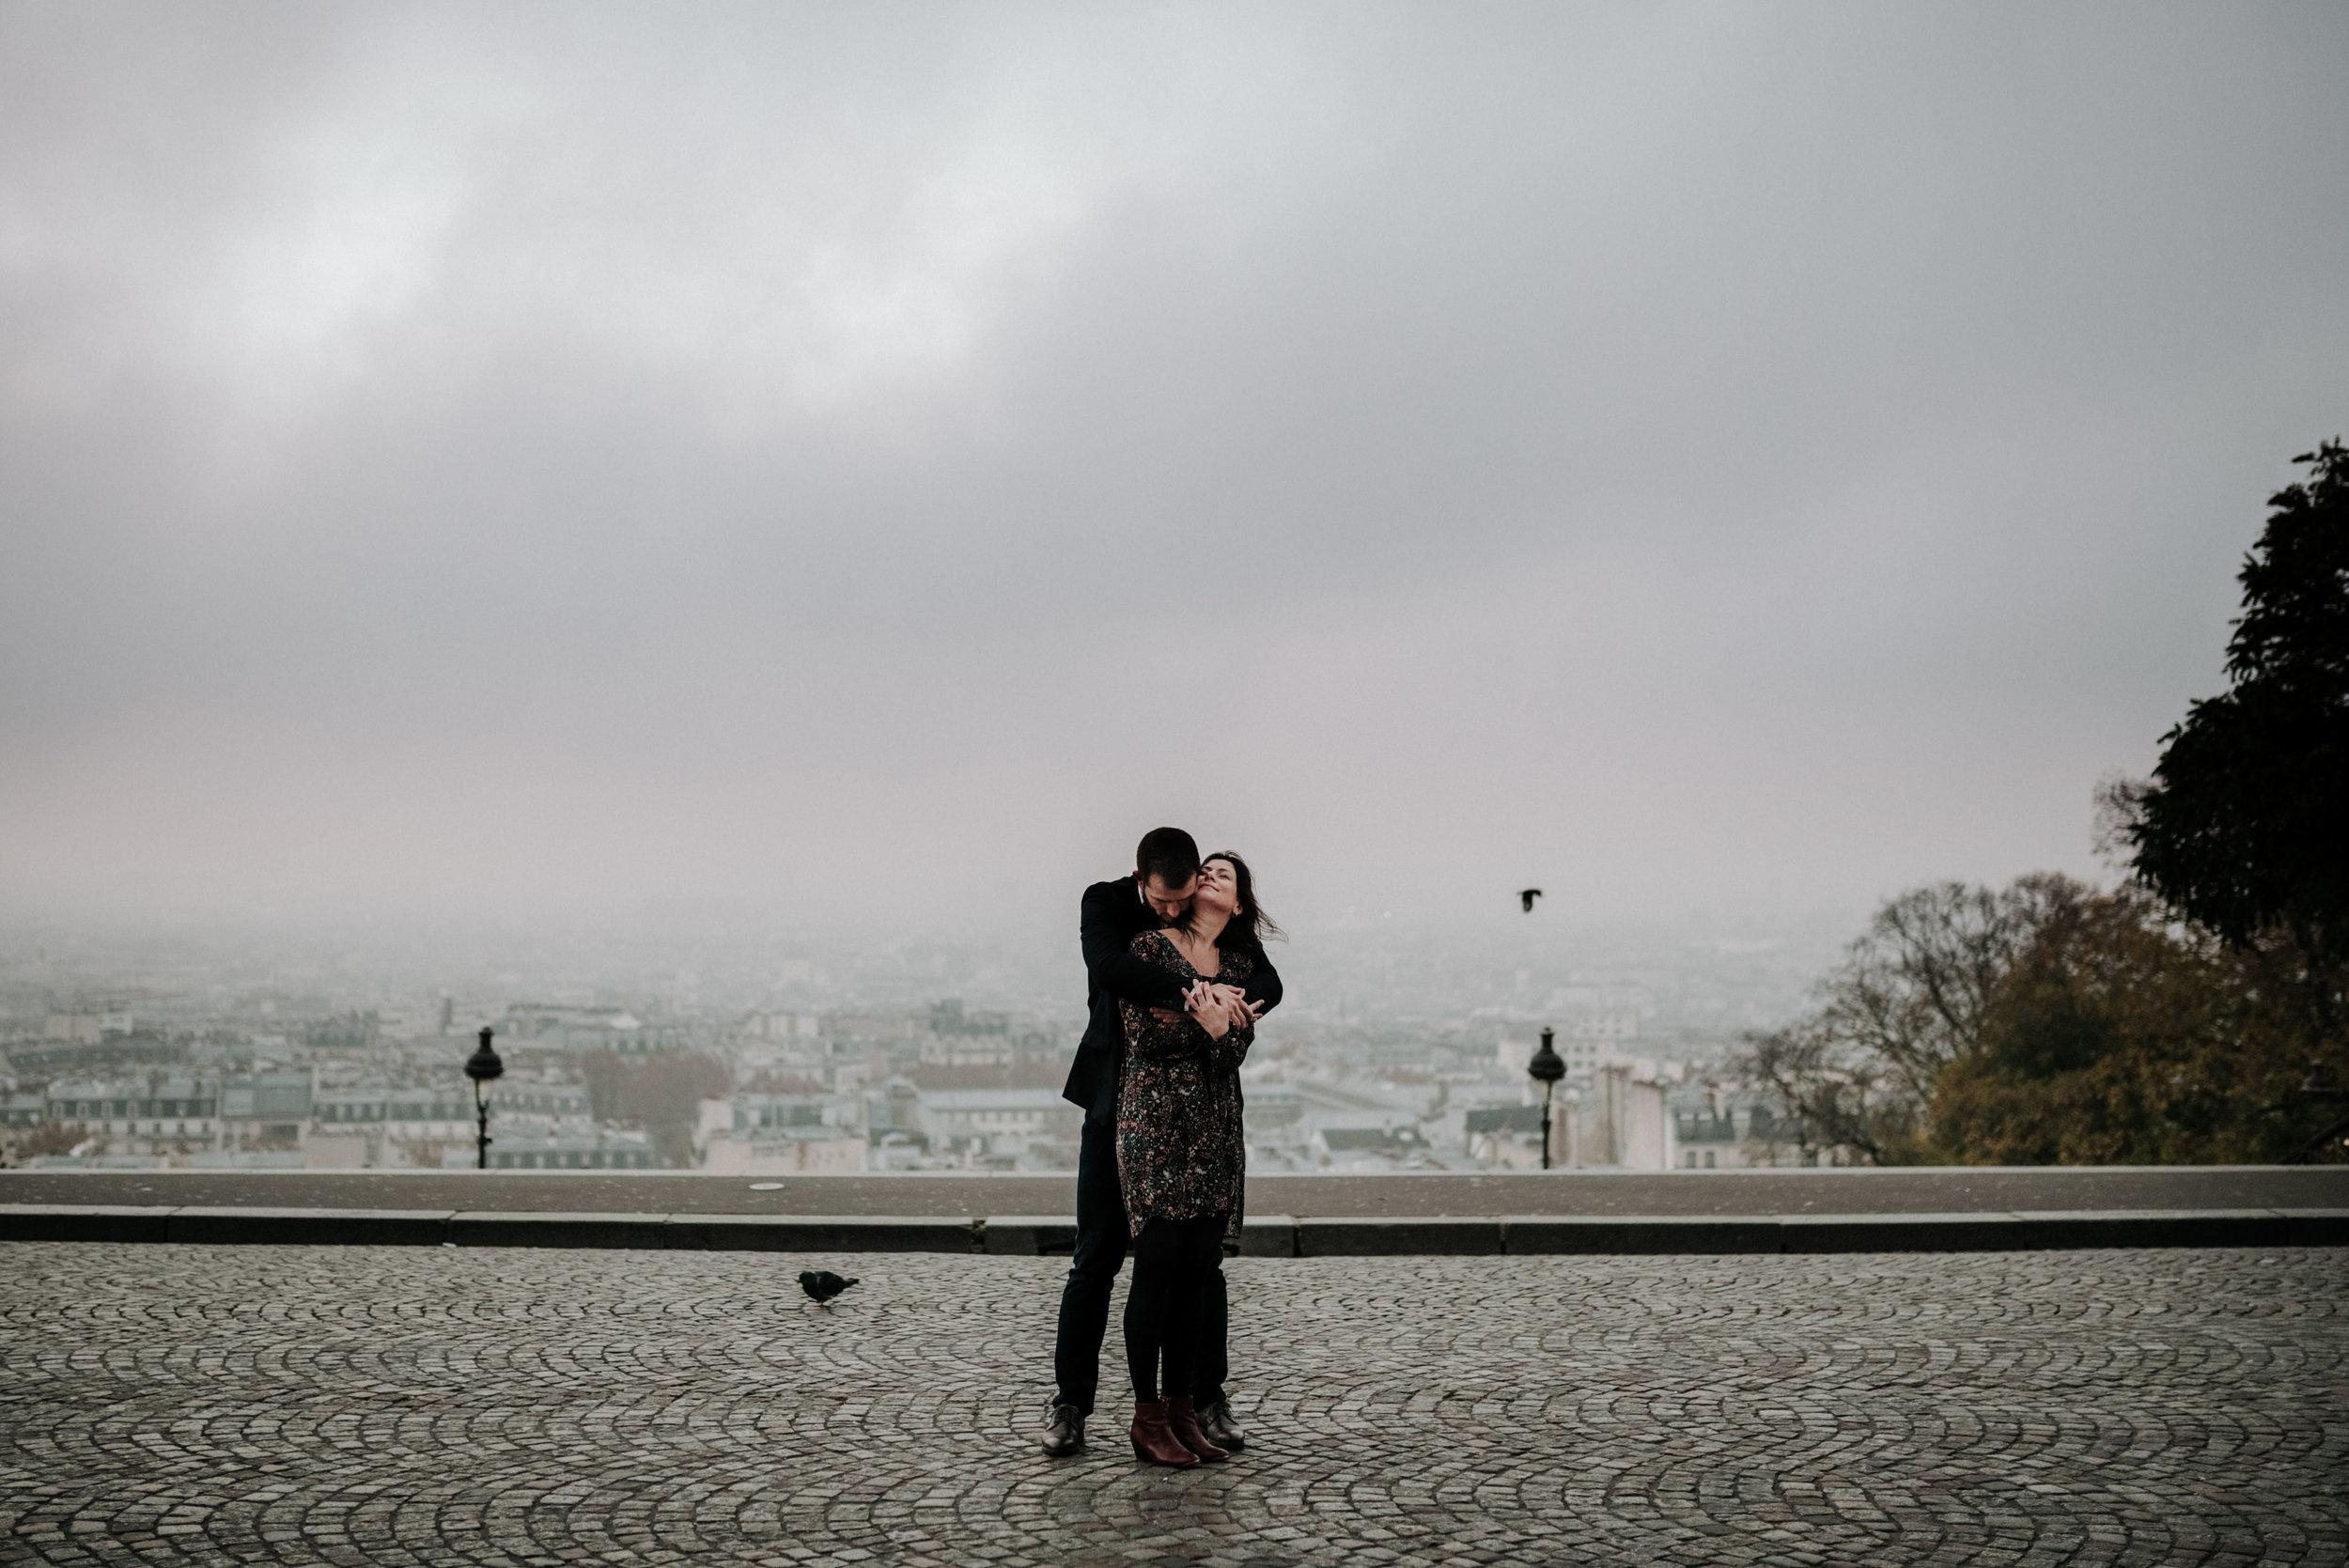 Léa-Fery-photographe-professionnel-lyon-rhone-alpes-portrait-creation-mariage-evenement-evenementiel-famille-4943.jpg